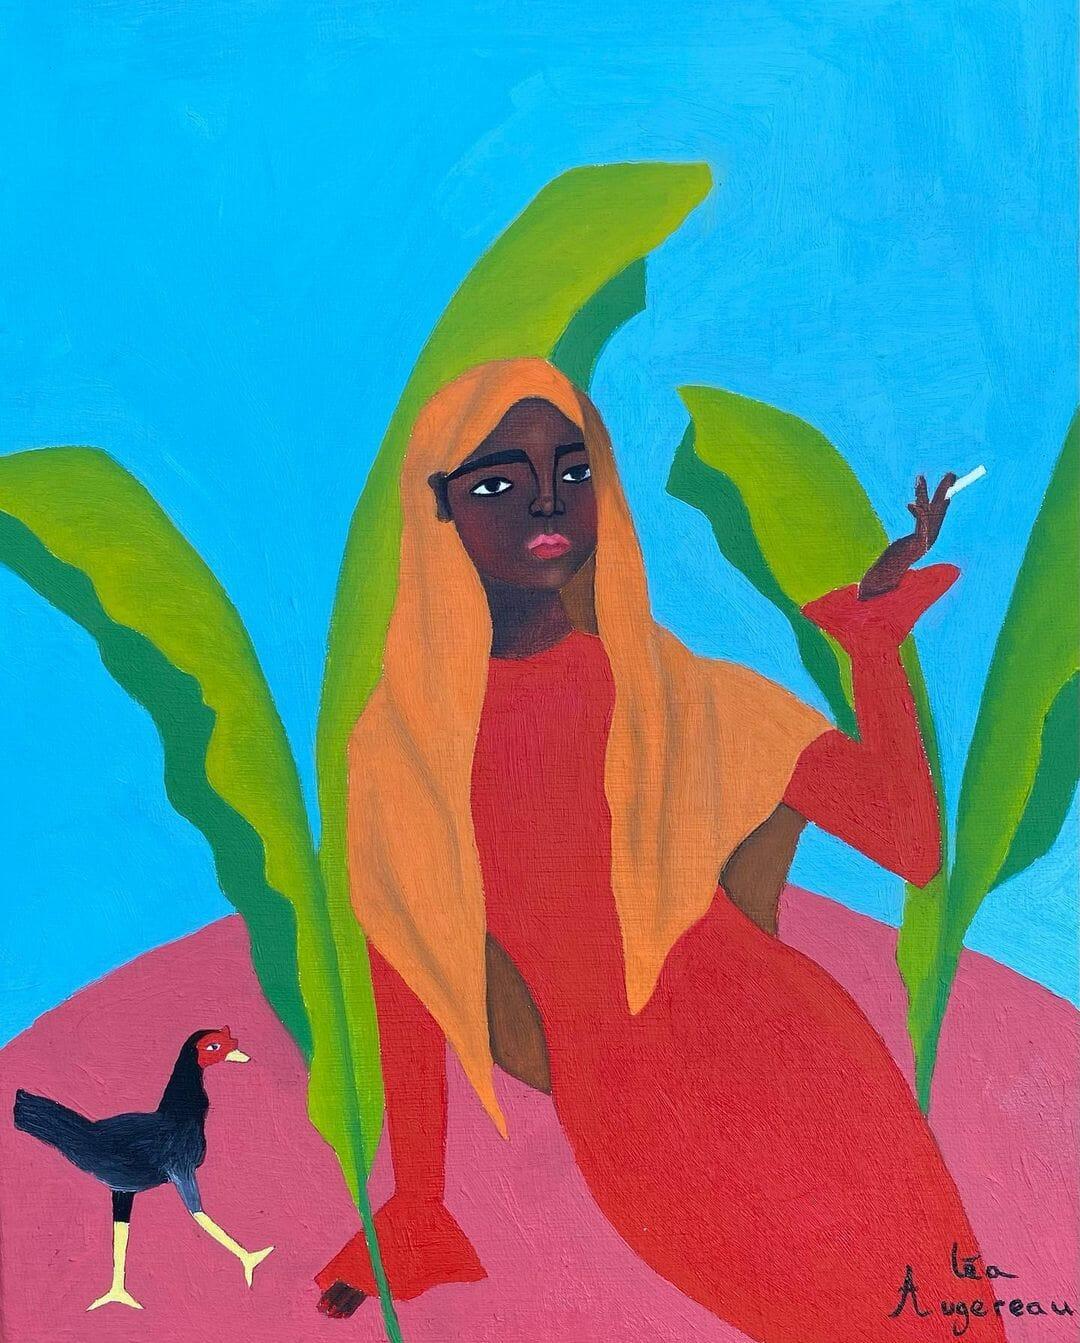 Portrait d'une femme allongée sur un sol rose d'où sortent de grandes feuilles vertes, sur fond bleu. Elle porte un voile orange et une robe rouge